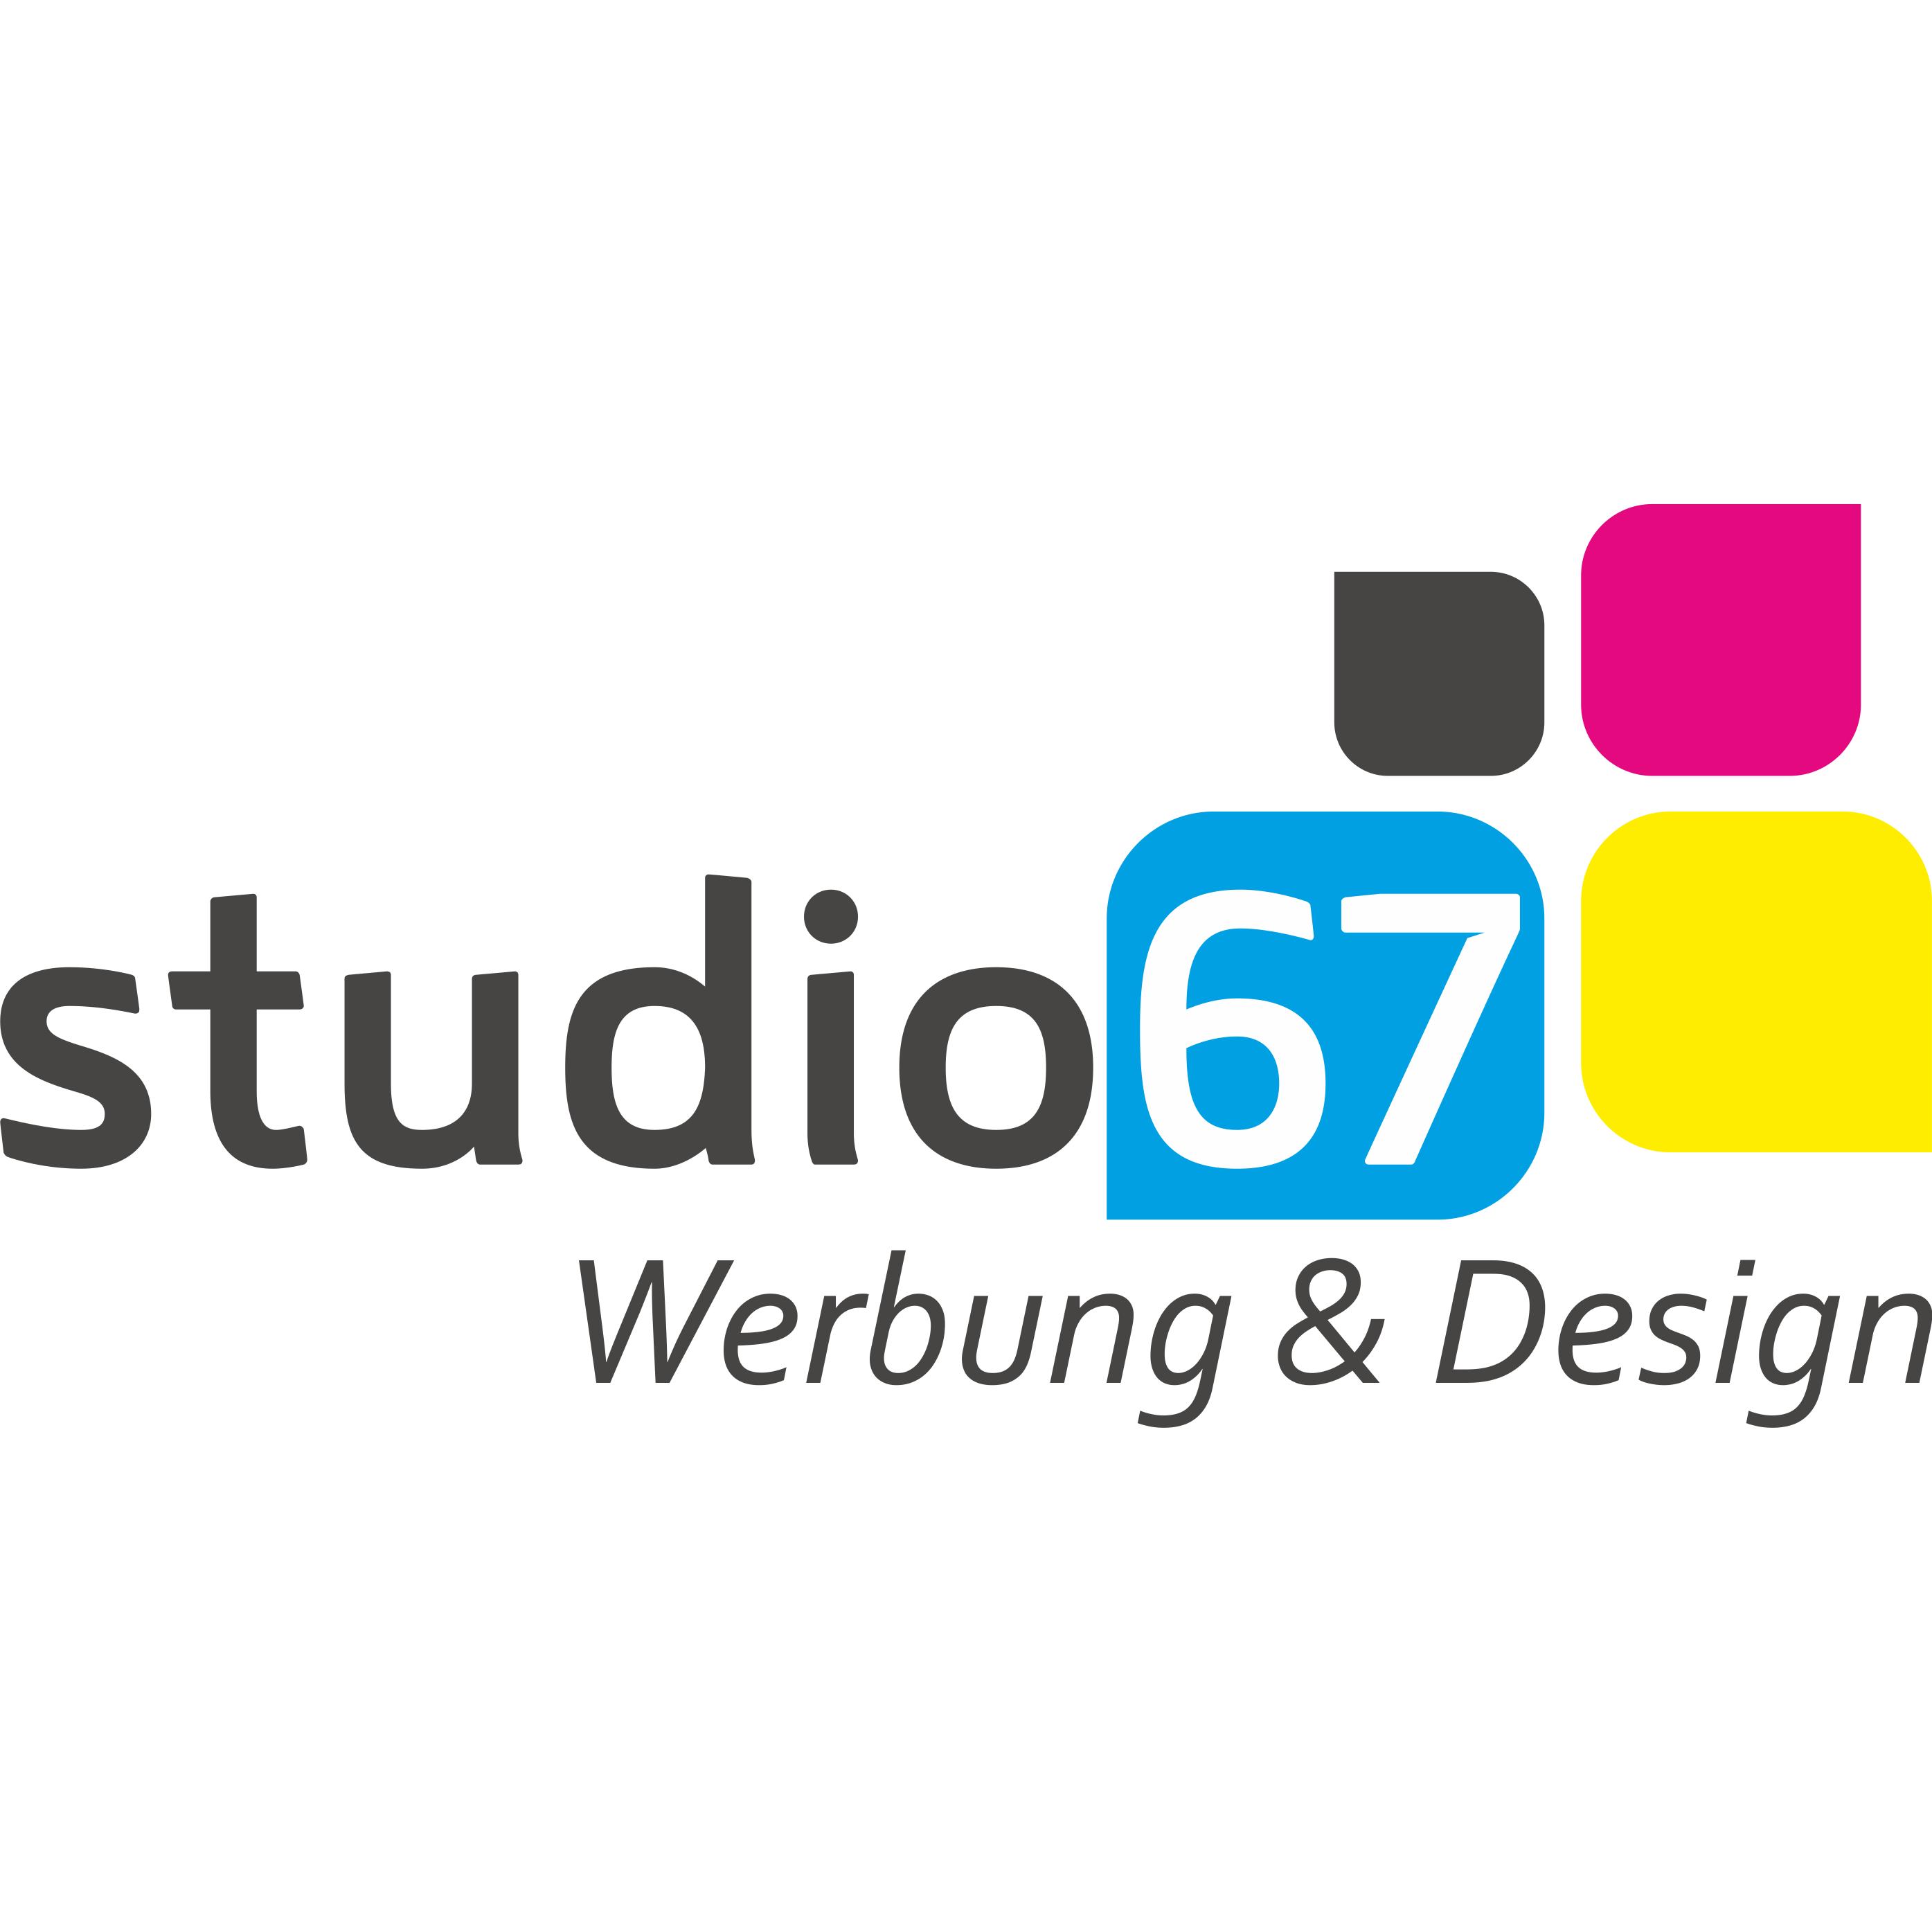 Bild zu Studio 67 - Werbung & Design in Großrückerswalde